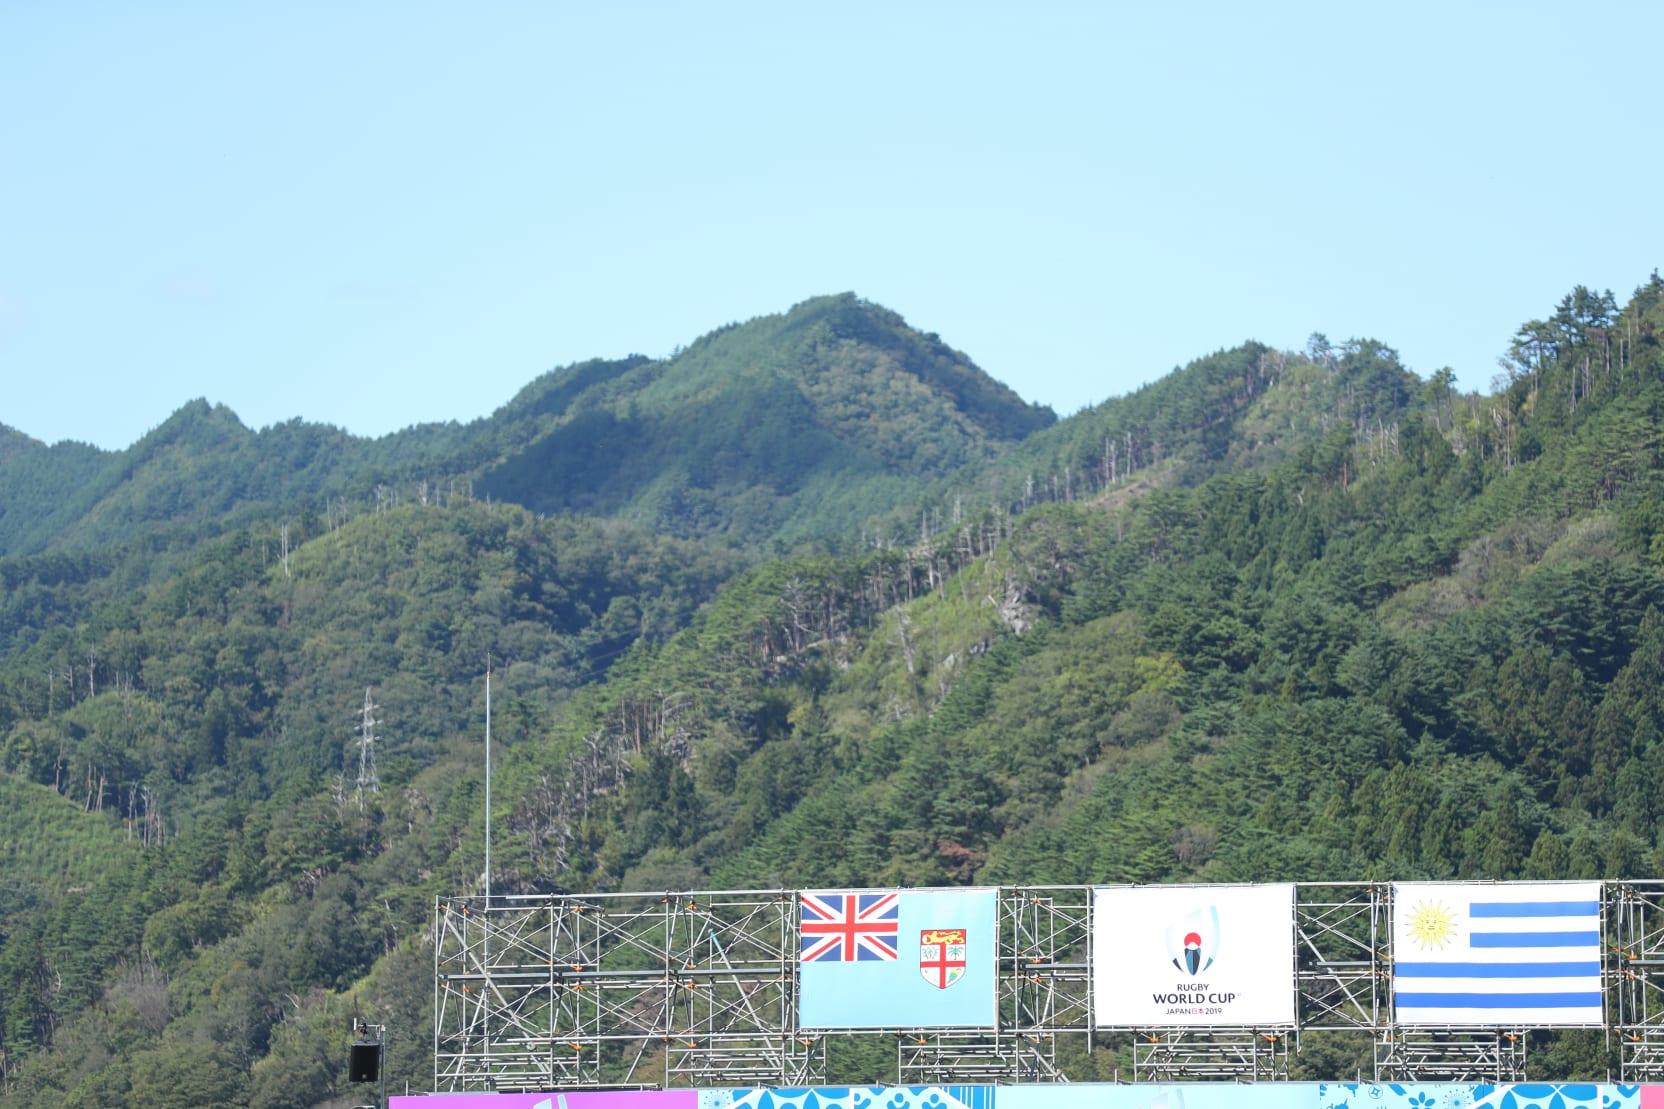 9月25日の釜石SWは快晴。対戦両国の国旗を風が揺らす(撮影・山口高明)